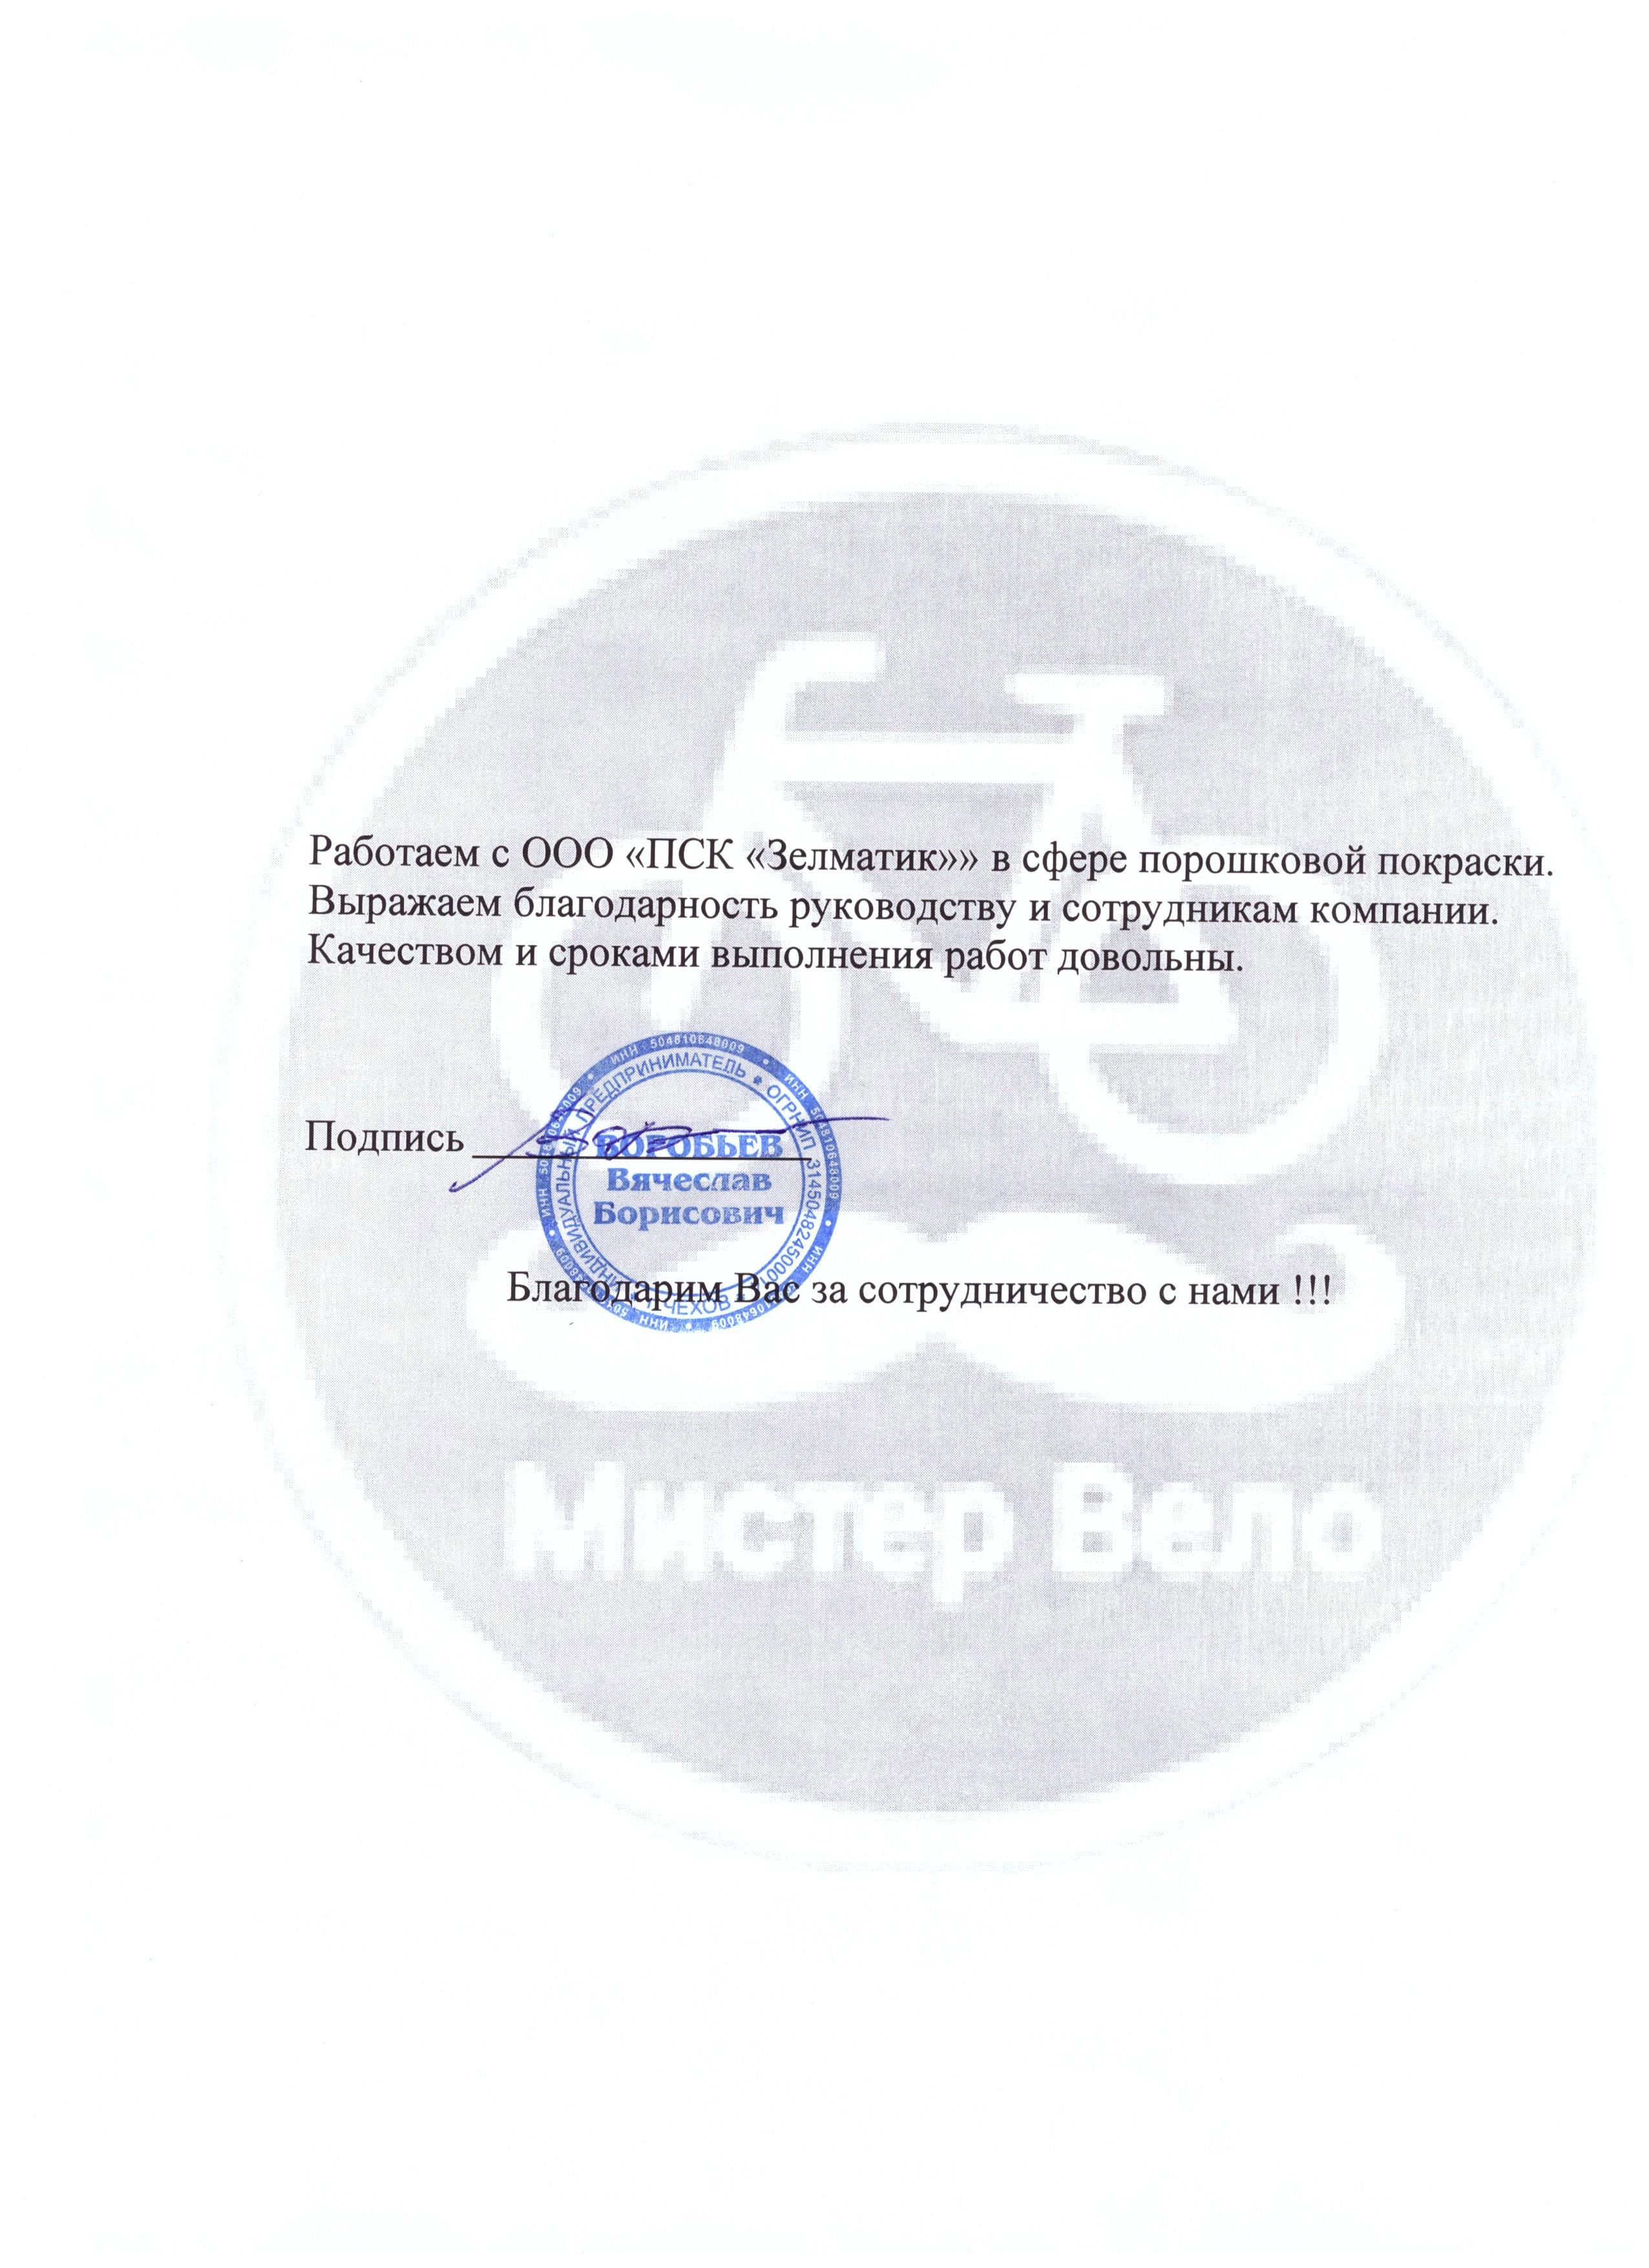 Отзыв от ИП Воробьев В.Б.